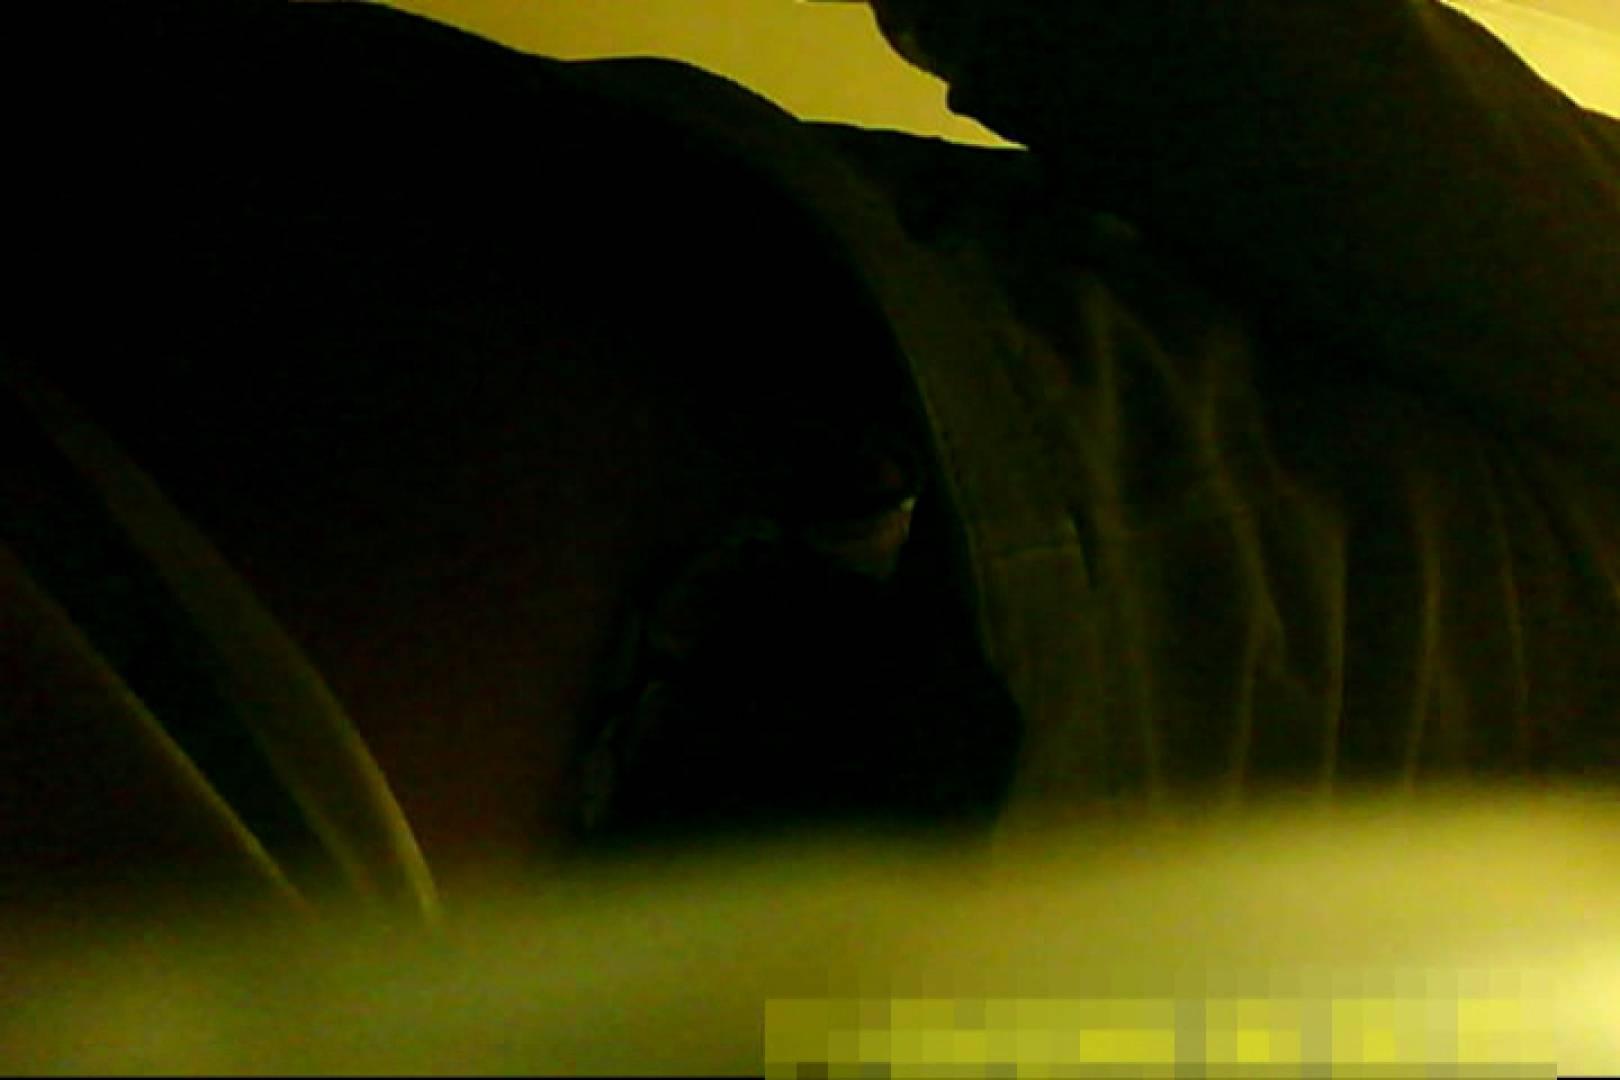 魅惑の化粧室~禁断のプライベート空間~31 盗撮映像 のぞき動画キャプチャ 101枚 26